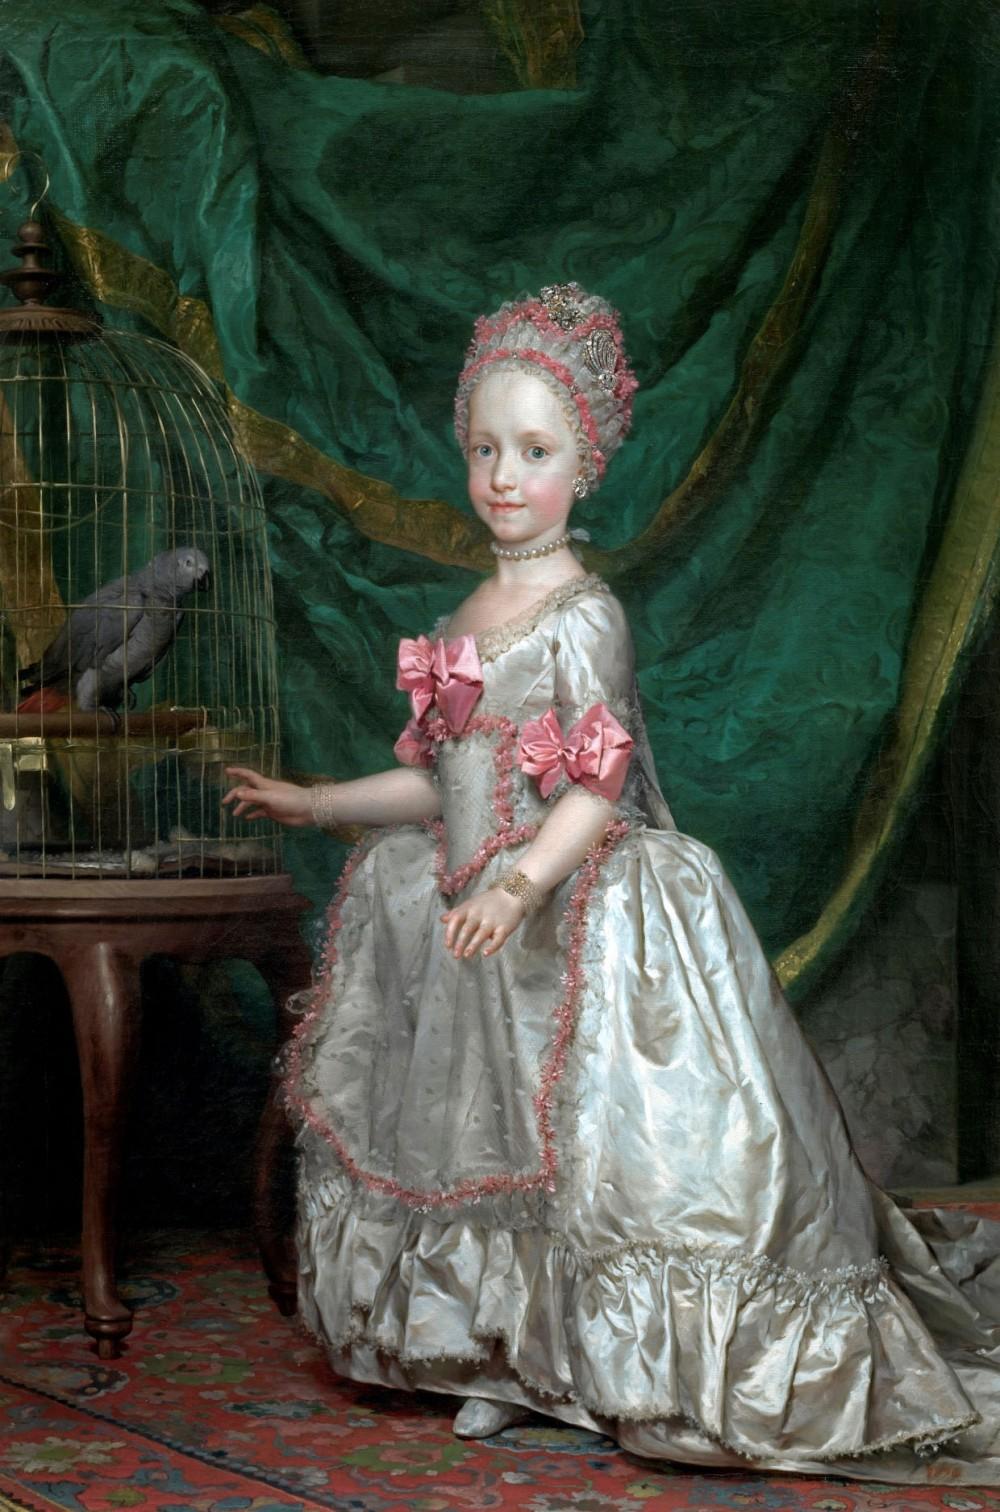 Anton Rafael Mengs. La archiduquesa María Teresa de Austria. 1771. Museo Nacional del Prado. Madrid.